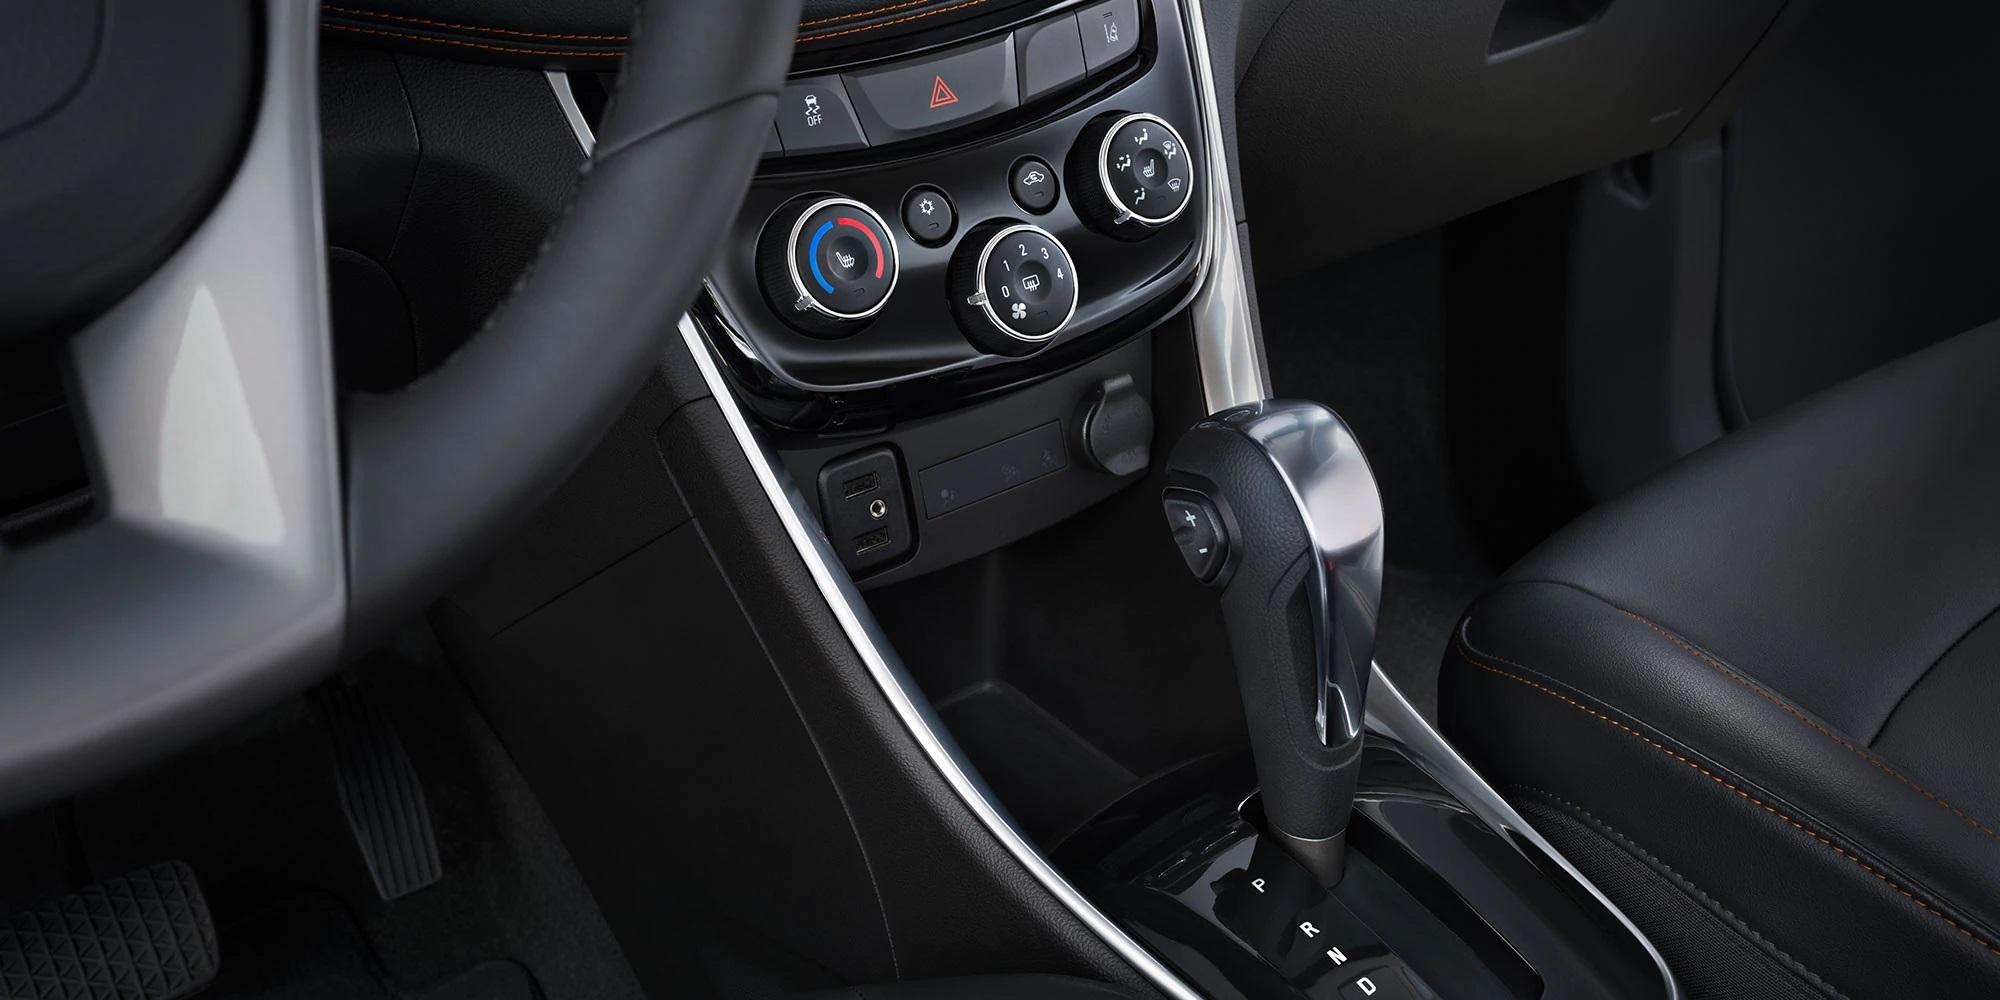 2020 Chevrolet Trax Gear Shifter